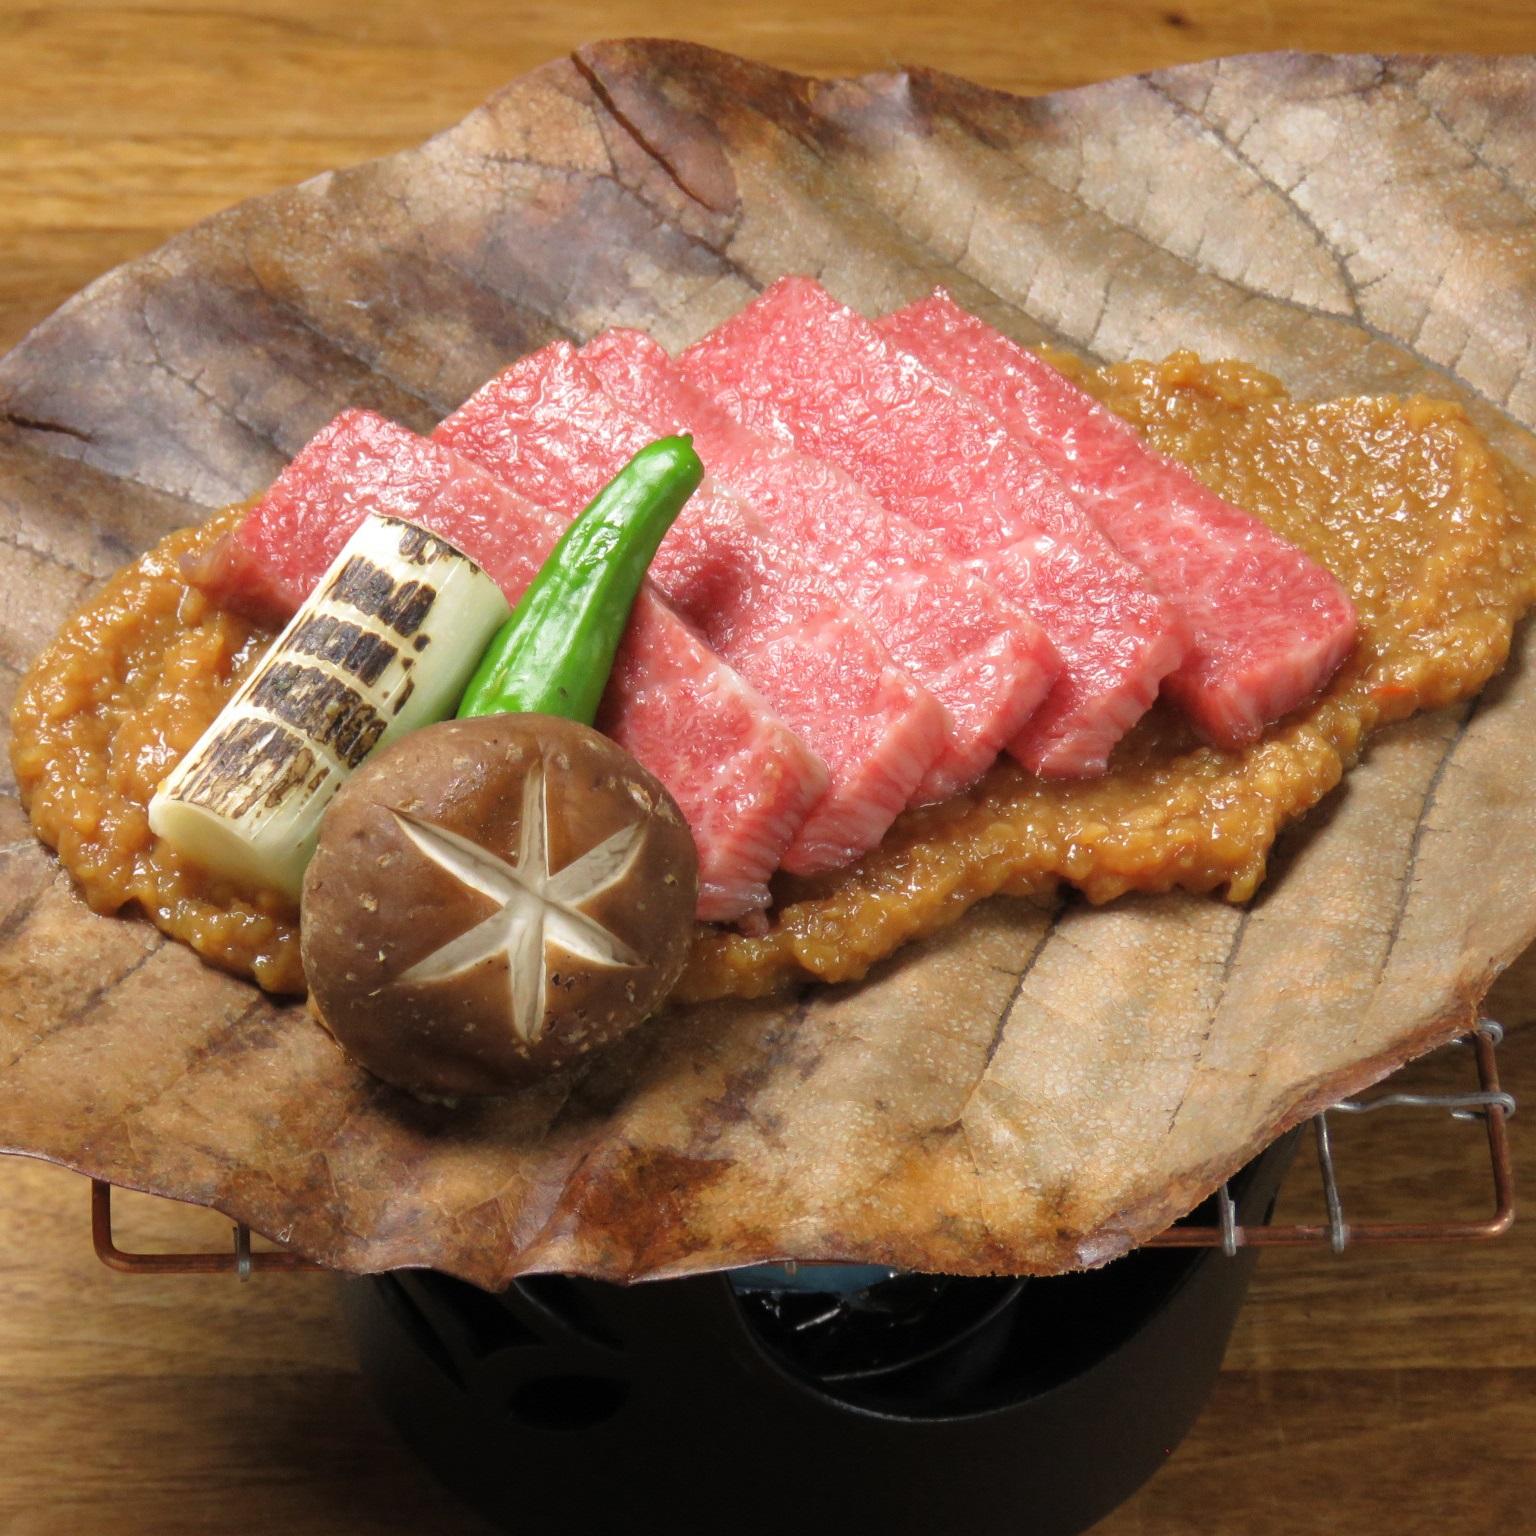 生産者応援プロジェクト対象商品のため半額で提供  飛騨牛の朴葉味噌焼